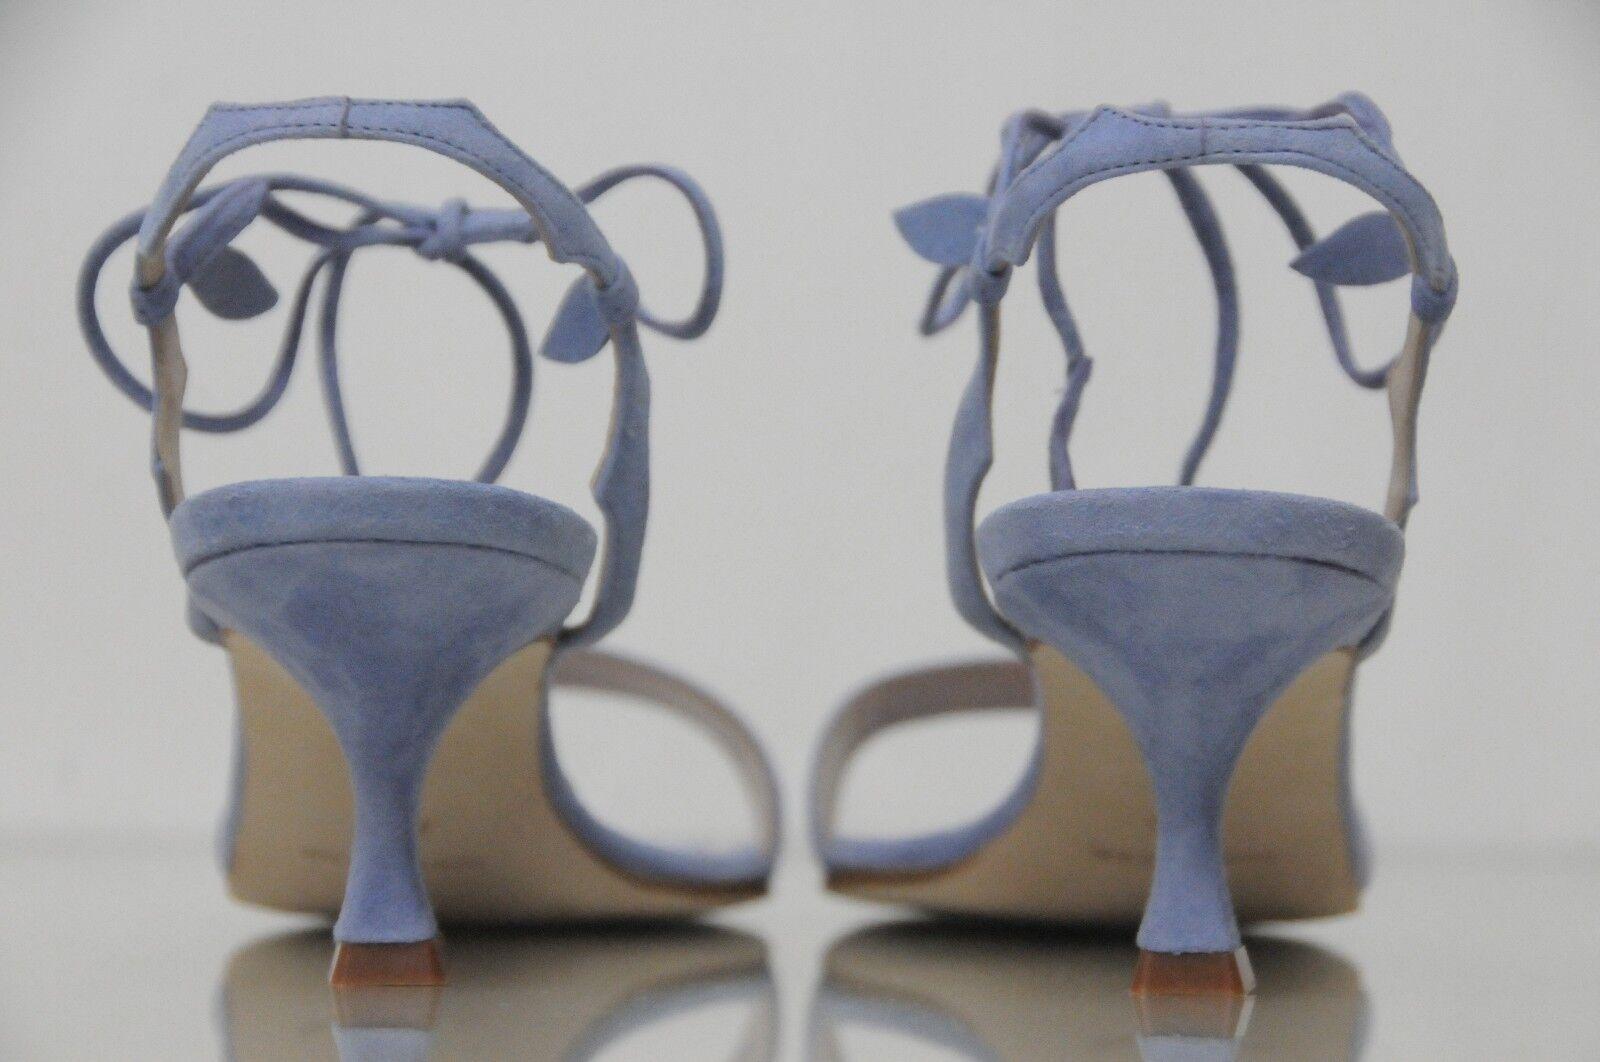 de nouveaux talons sandales manolo blahnik zouliplain 50 chaussures violet de daim violet chaussures 40,5 cda159